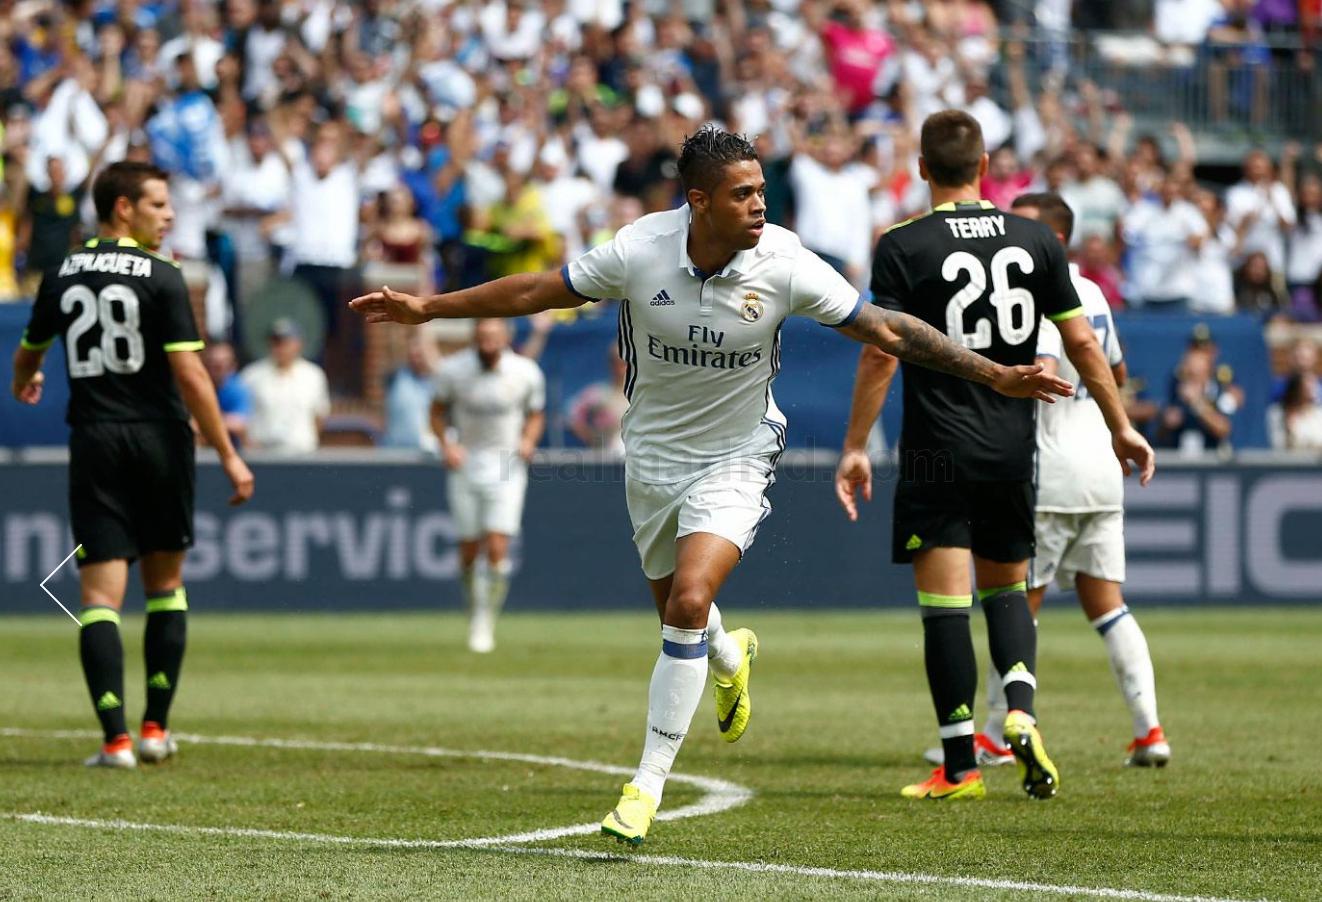 Mariano celebra su gol ante el Chelsea. (Realmadrid.com)